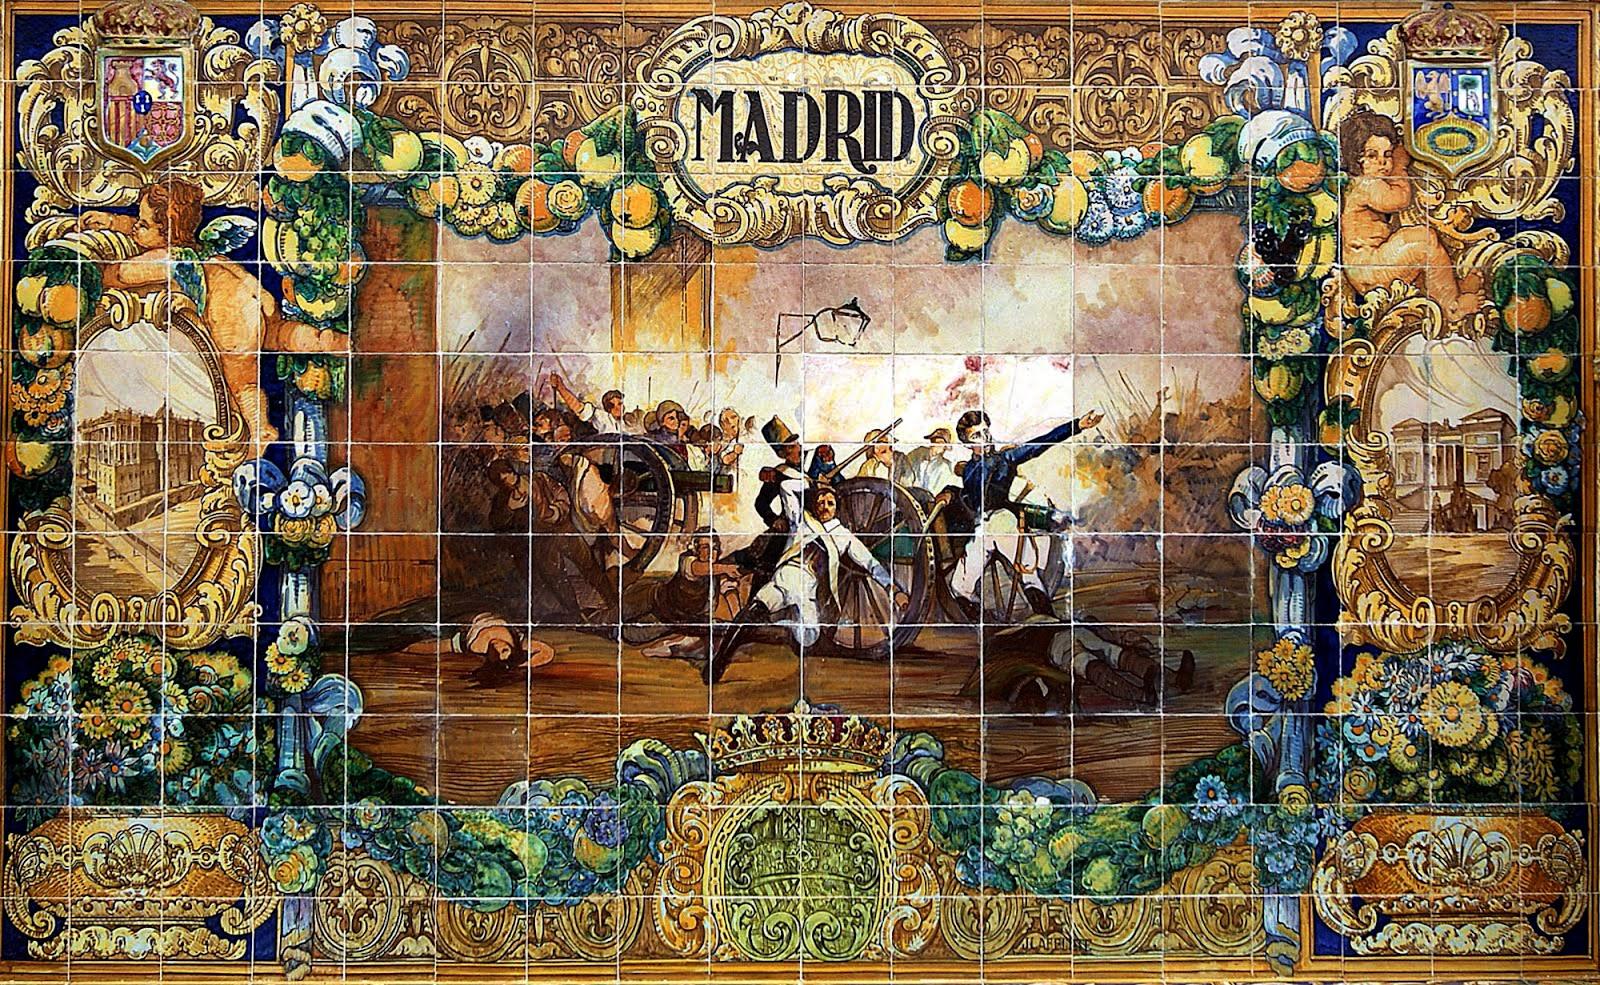 Como enfadar a un Sevillano - Página 2 Mural-madrid1